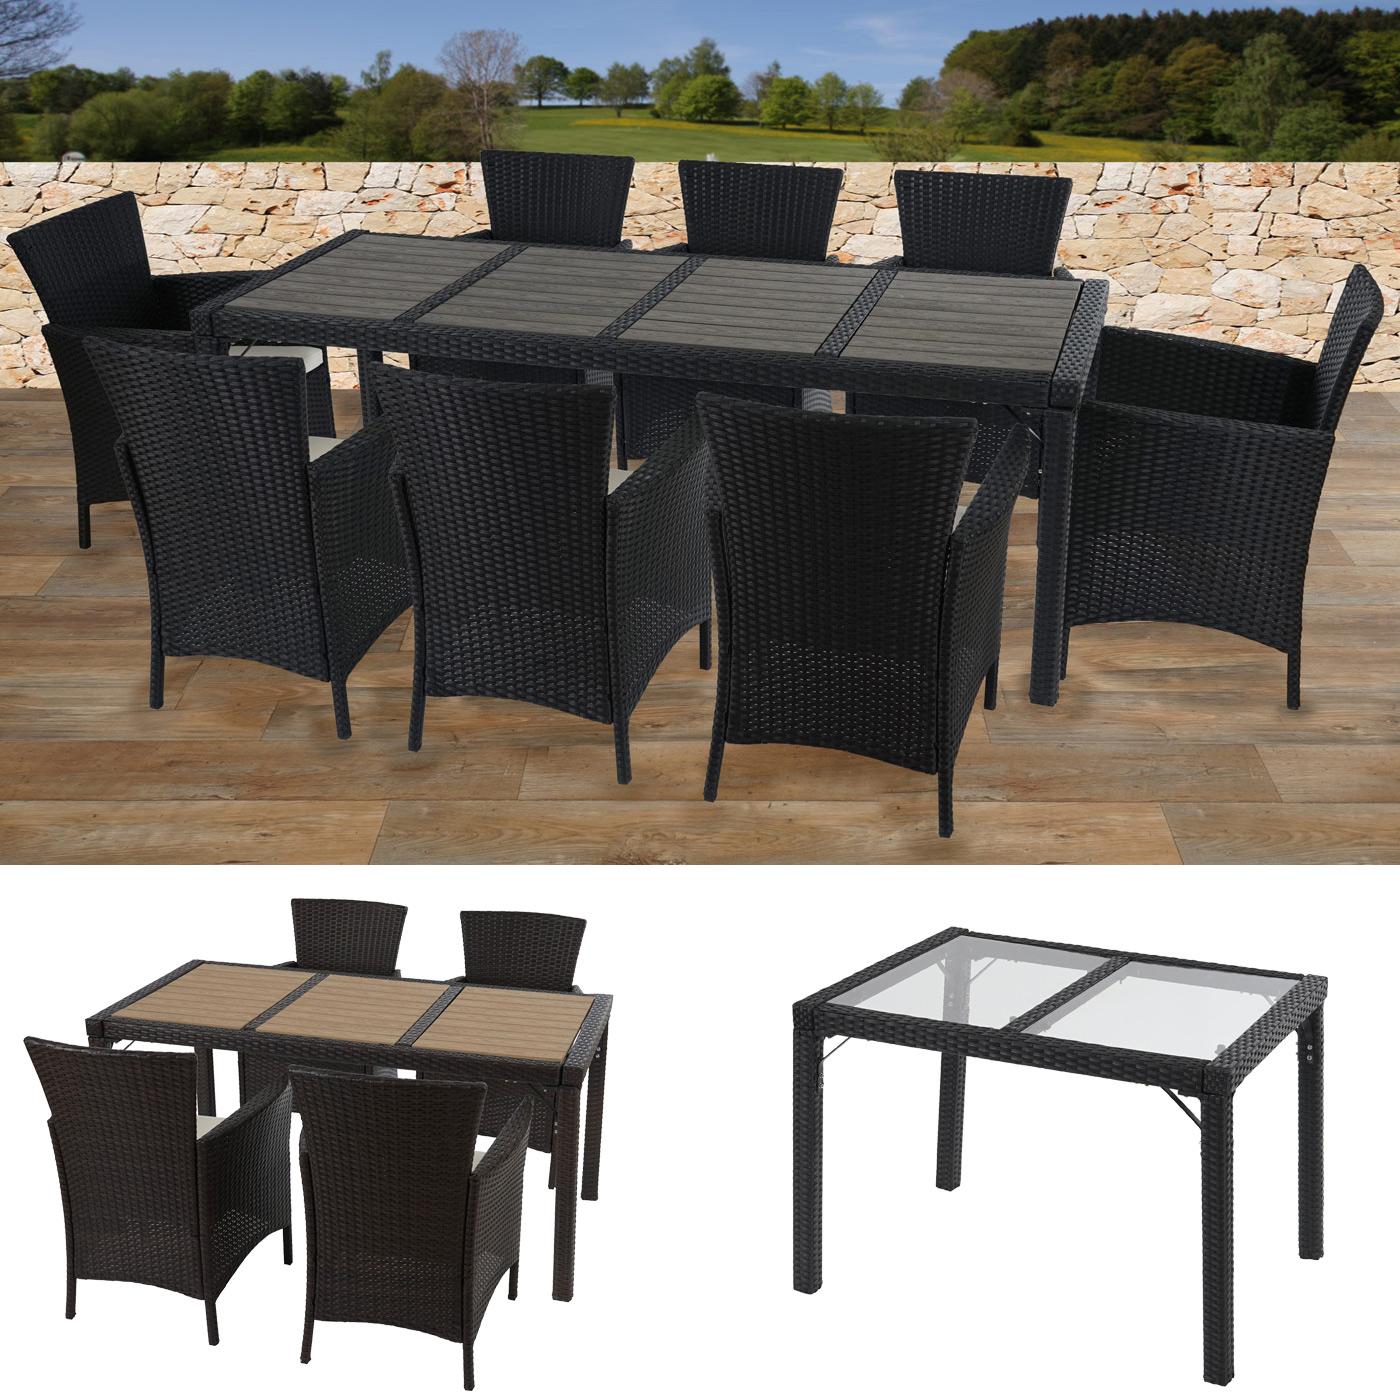 Poly-Rattan Garten-Garnitur RomV, 8 Sessel+Tisch 200x80cm WPC/Glas Alu-Gestell ~ Variantenangebot